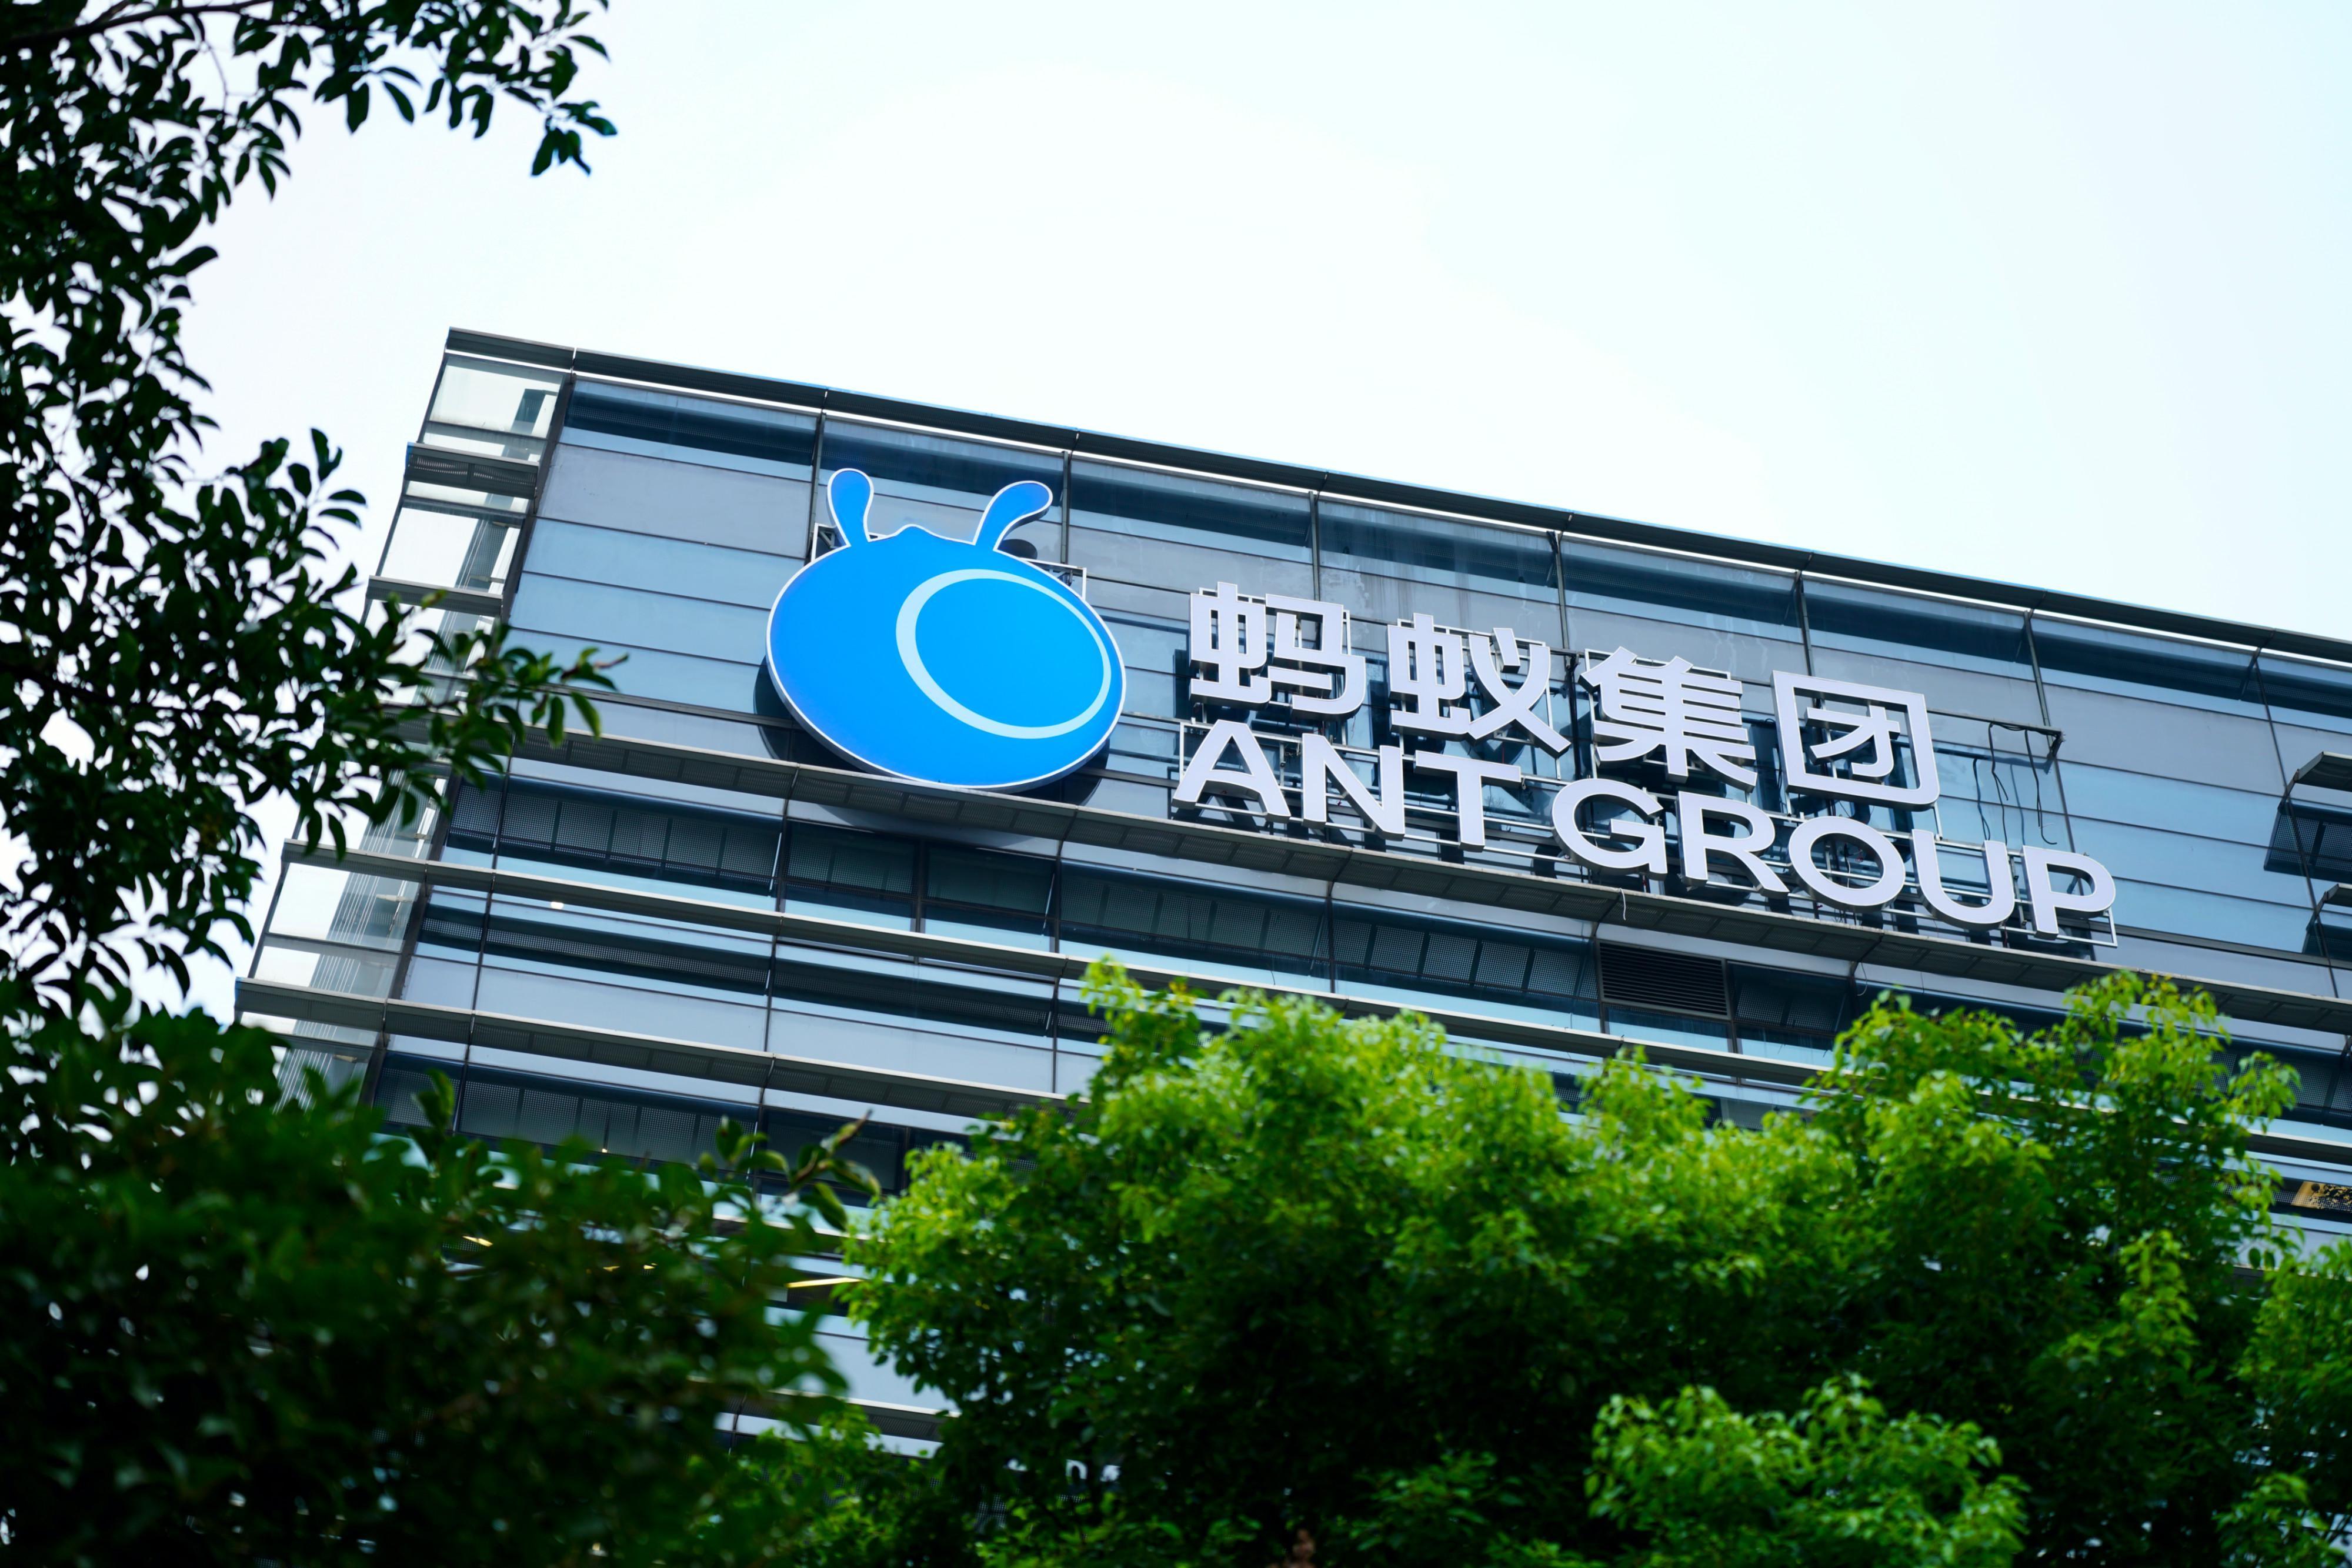 重磅!蚂蚁集团旗下证券类、金融服务类机构将迎证监持续强化监管!